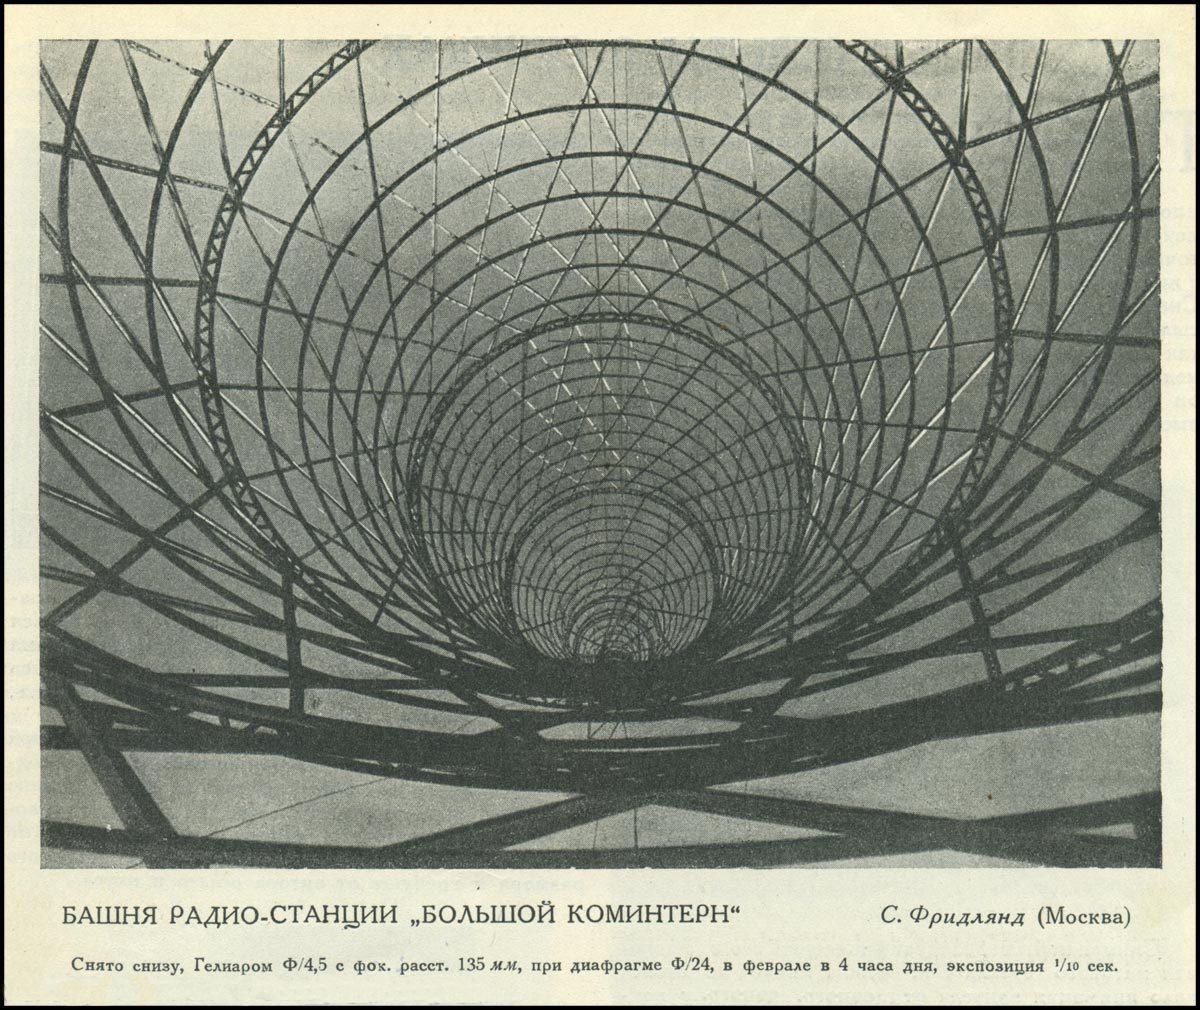 Шуховская башня, 1919-1922 годы